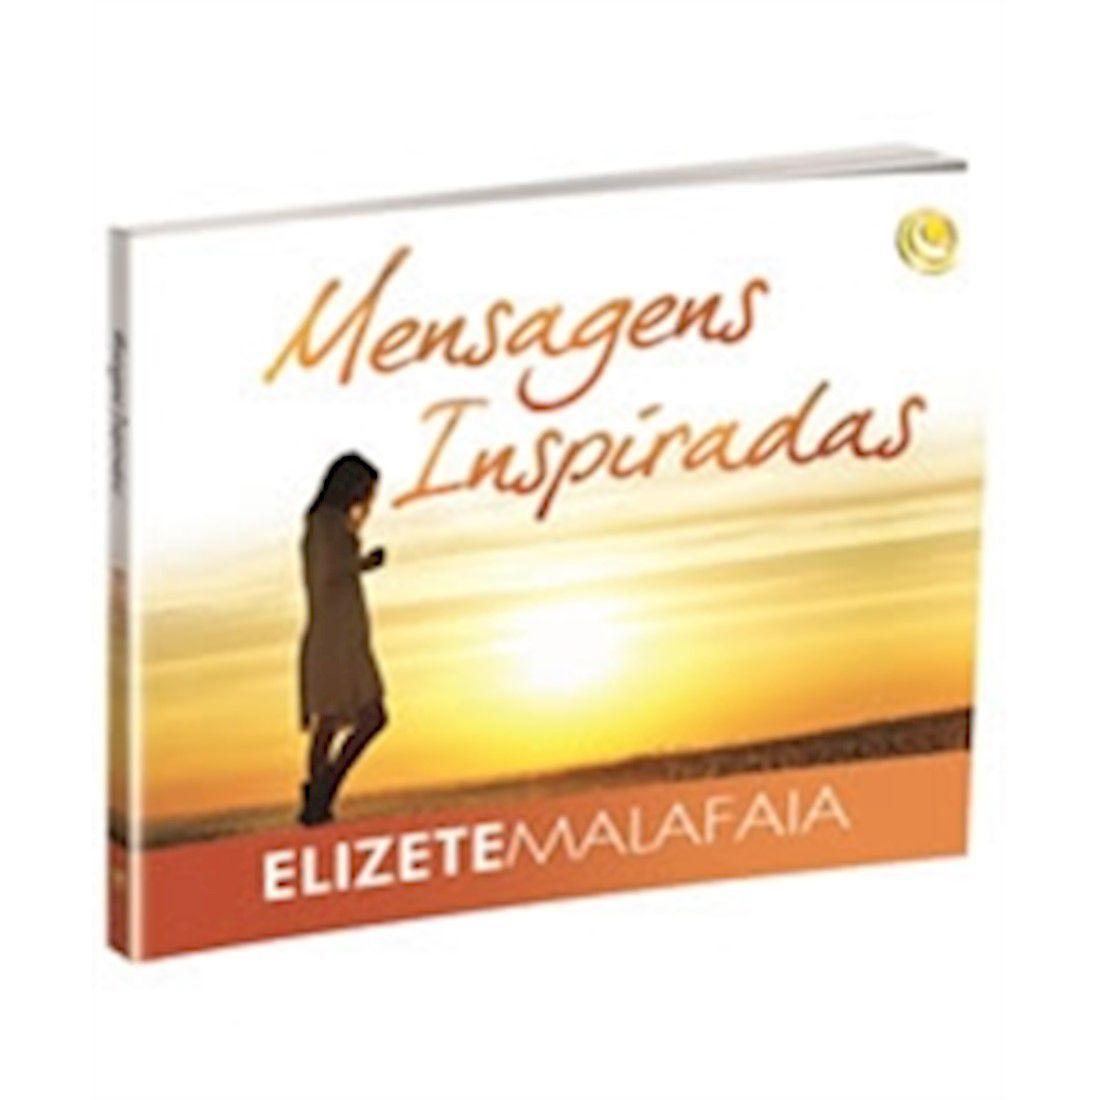 Livro Mensagens Inspiradas - Elizete Malafaia